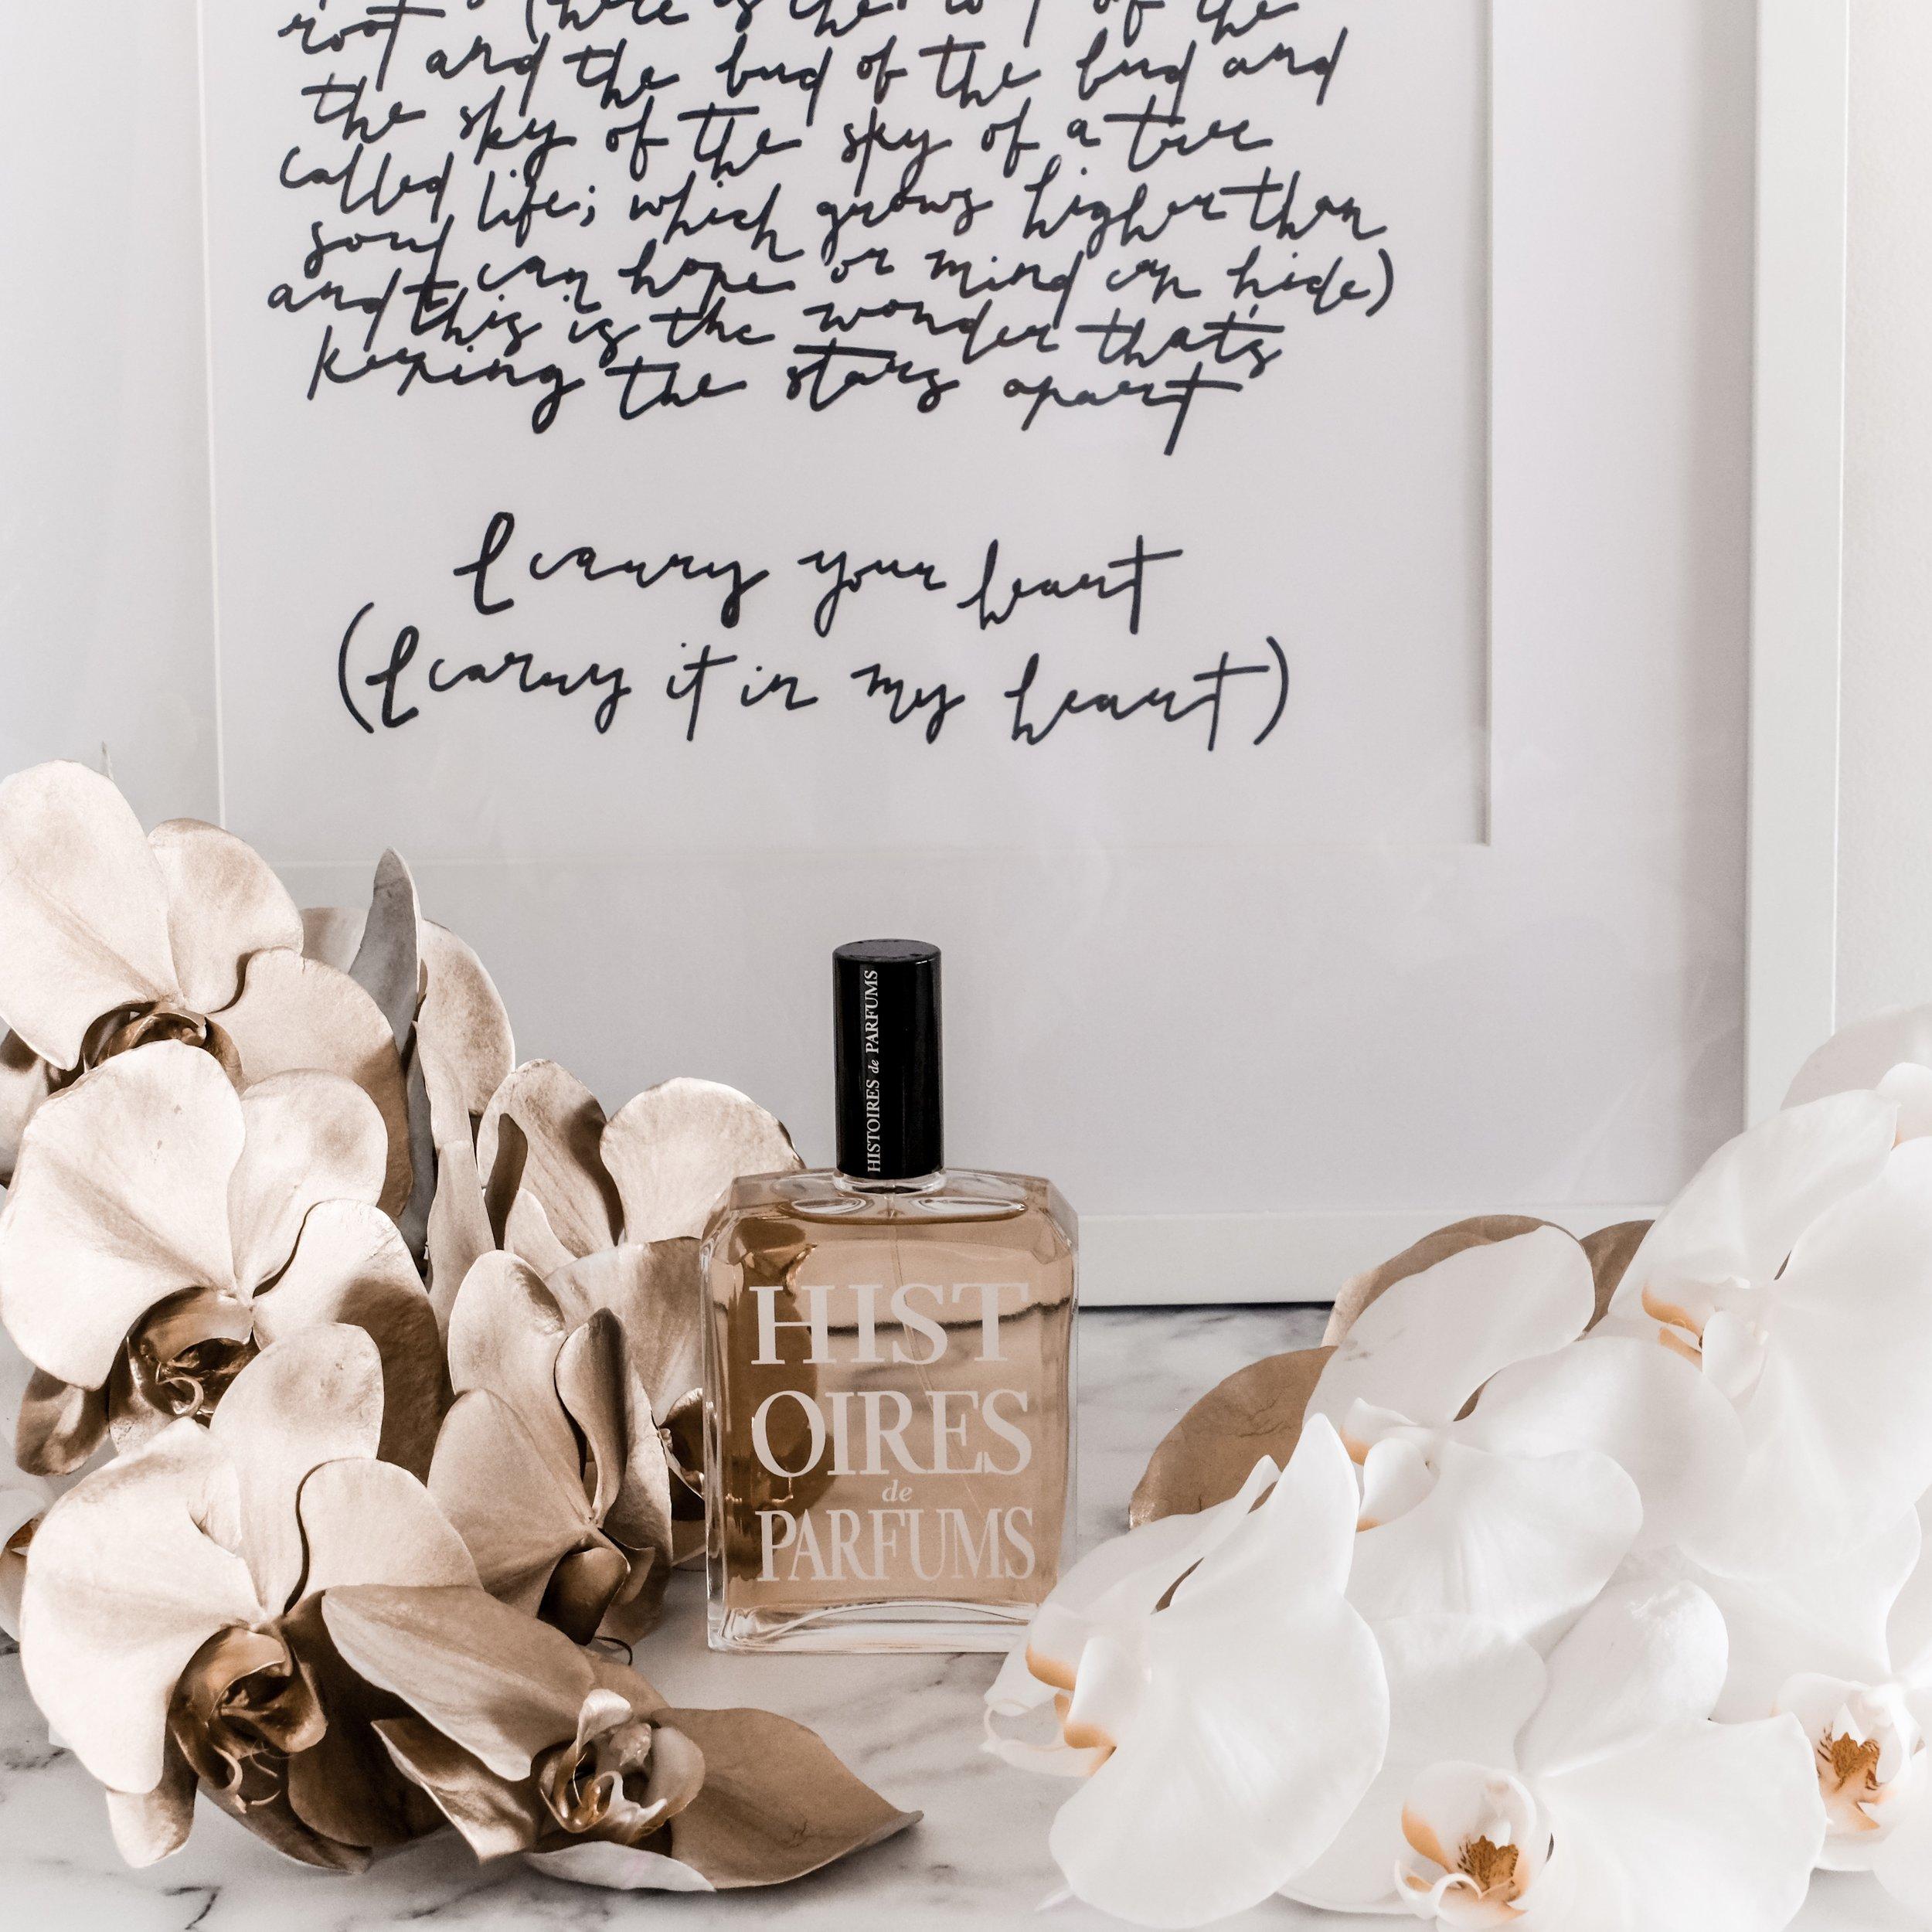 Histoires de Parfums Tuberuese 2 Virginale from Lore Perfumery